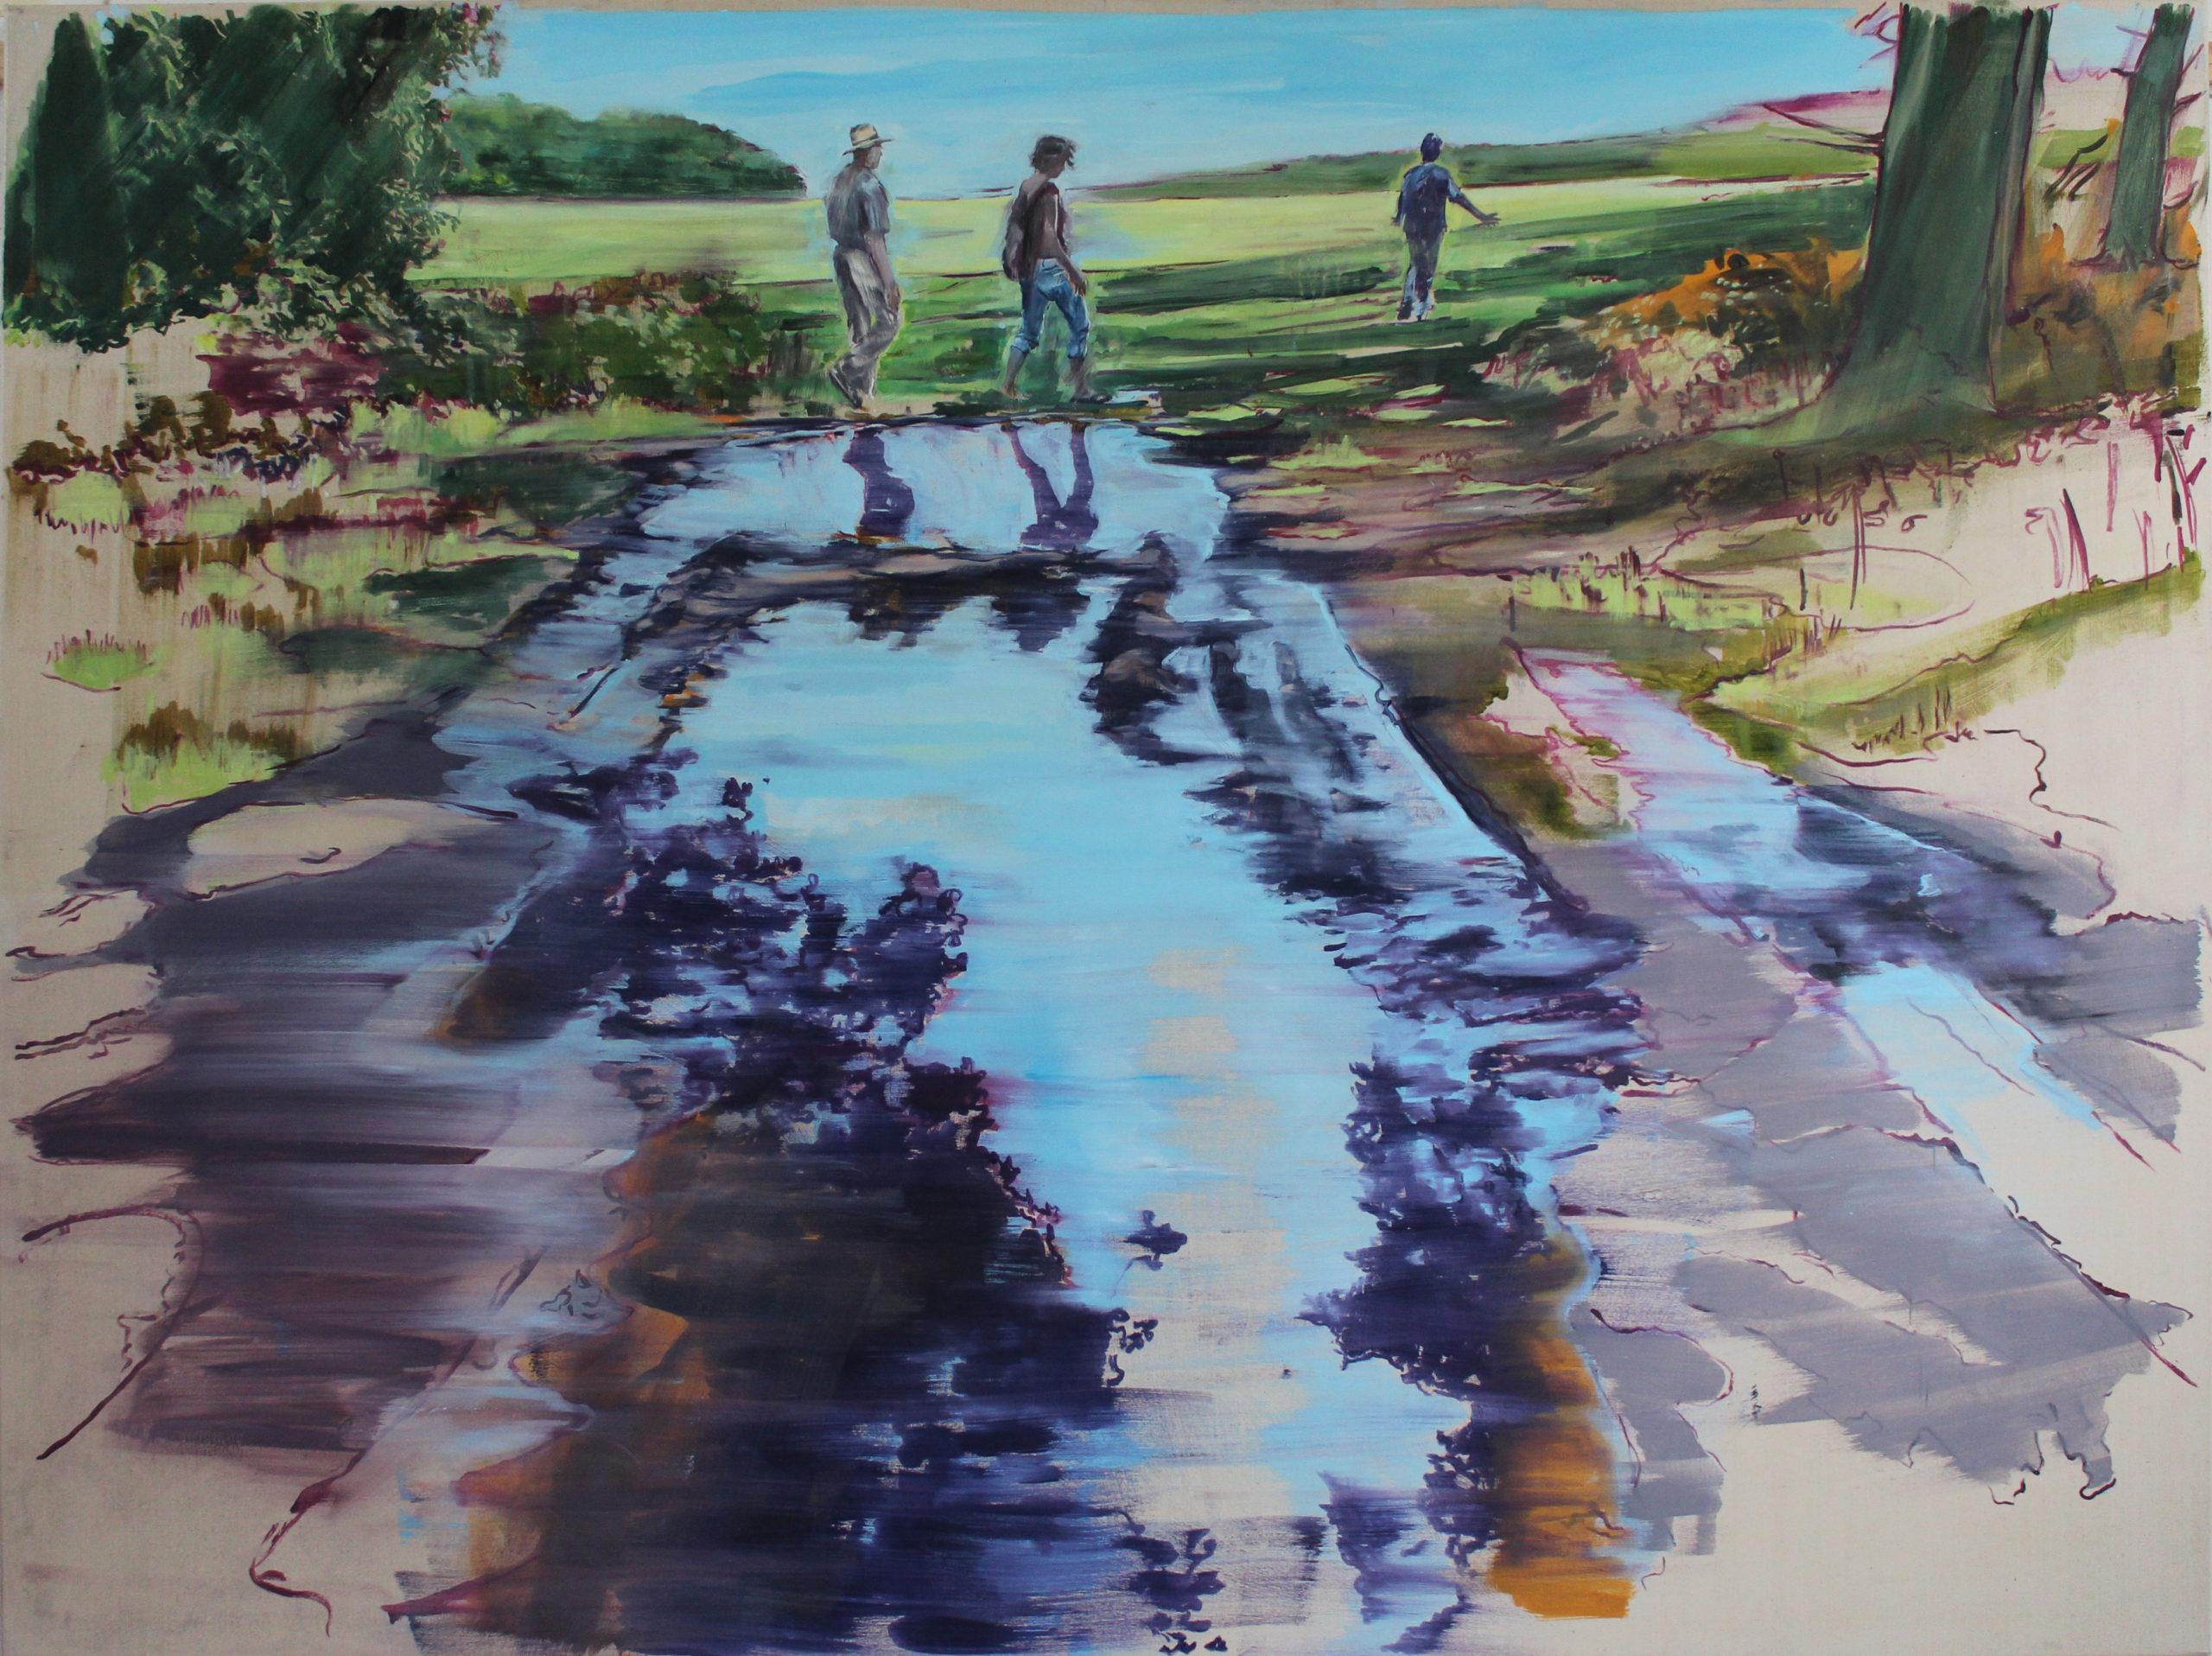 Spiegelung - der Spaziergang, 2017, 150x200 cm, Ölfarbe auf Leinwand